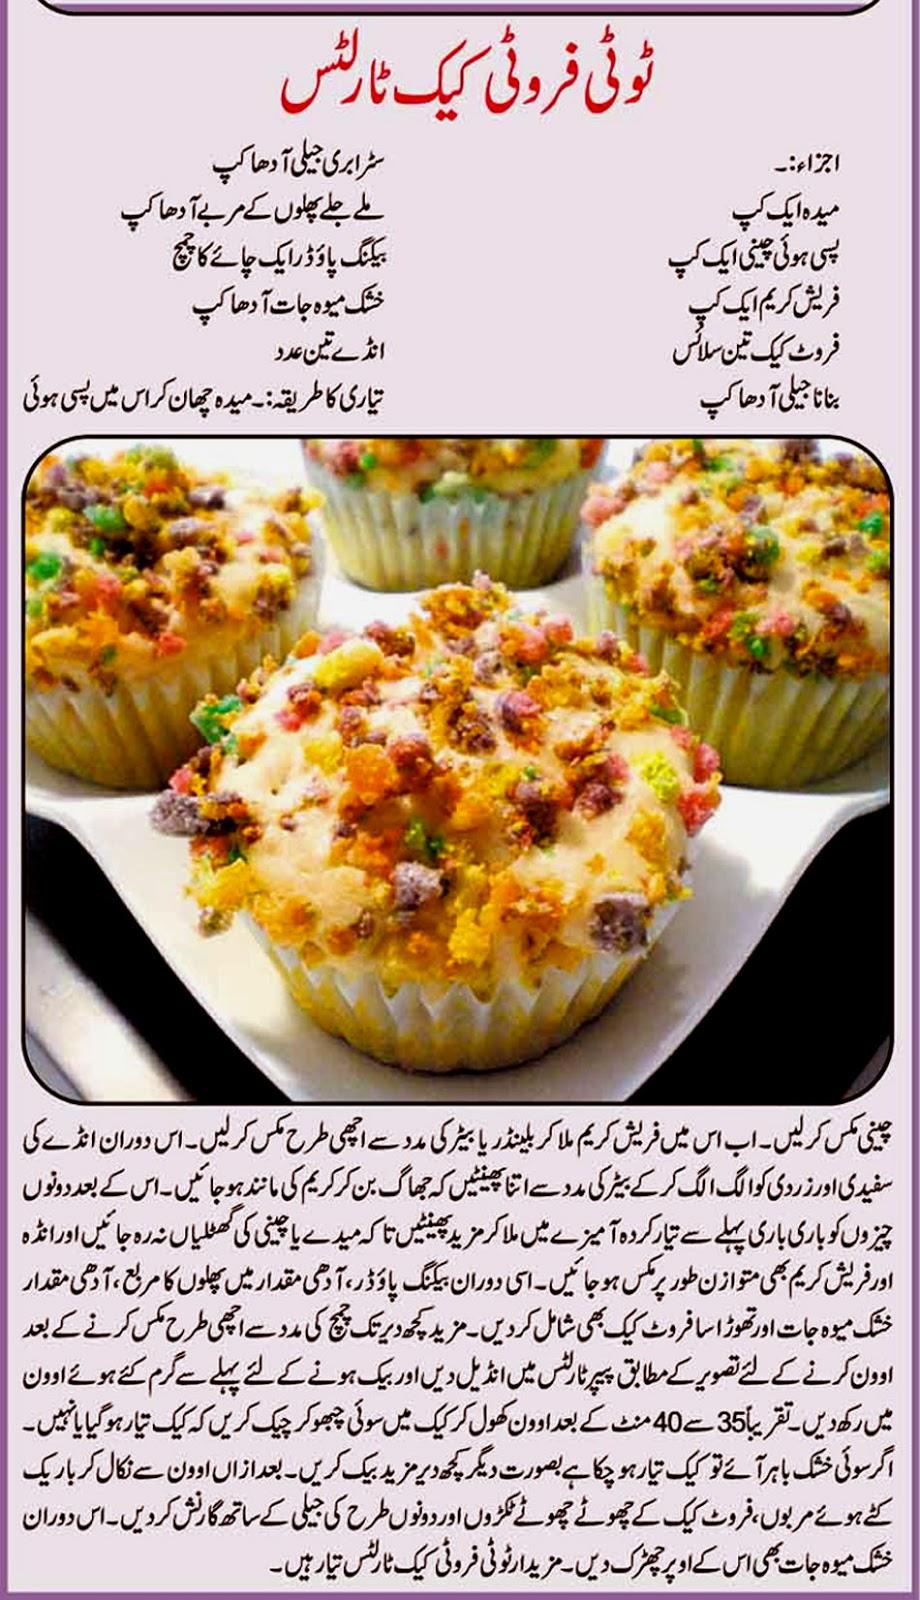 Urdu Recepies 4u Sweet Recipe Of Tooty Fruity Cake Tarletas In Urdu